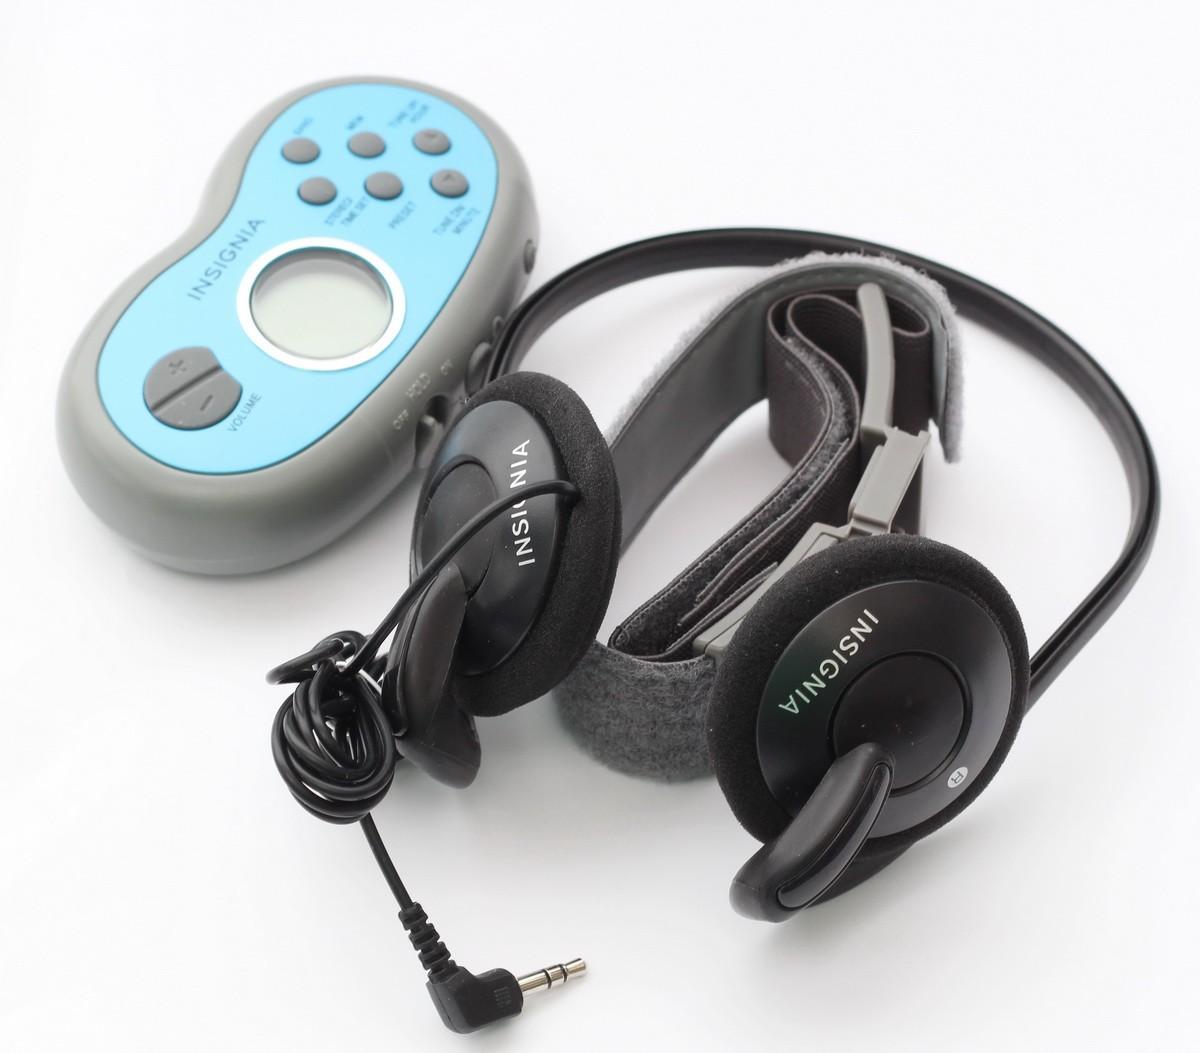 8de051d6e8e Details about Insignia NS-R5111A Portable Digital AM/FM Armband Radio with  headphones - SR